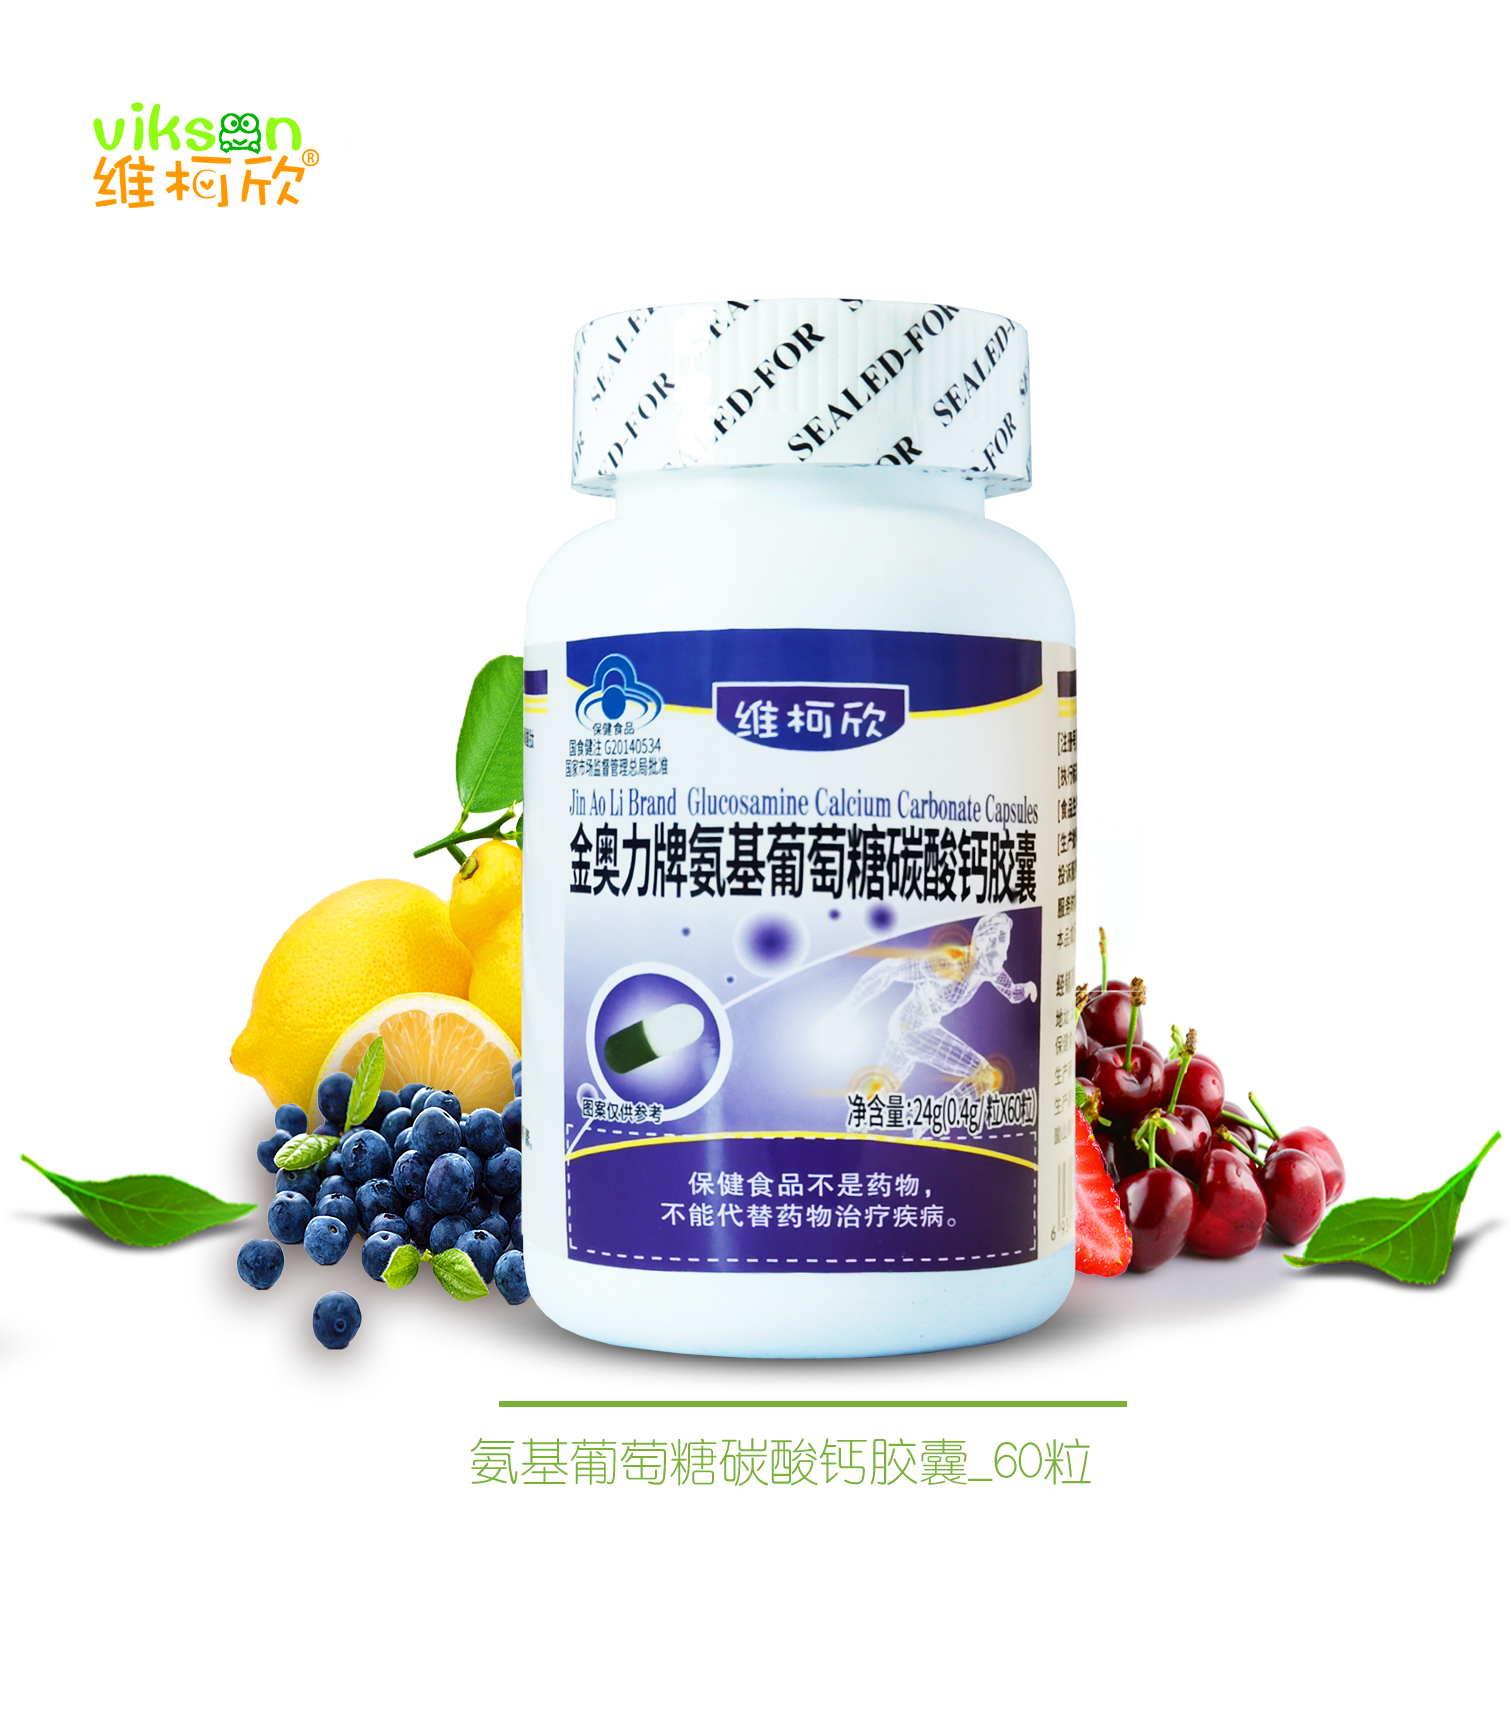 维柯欣氨基葡萄糖碳酸钙胶囊